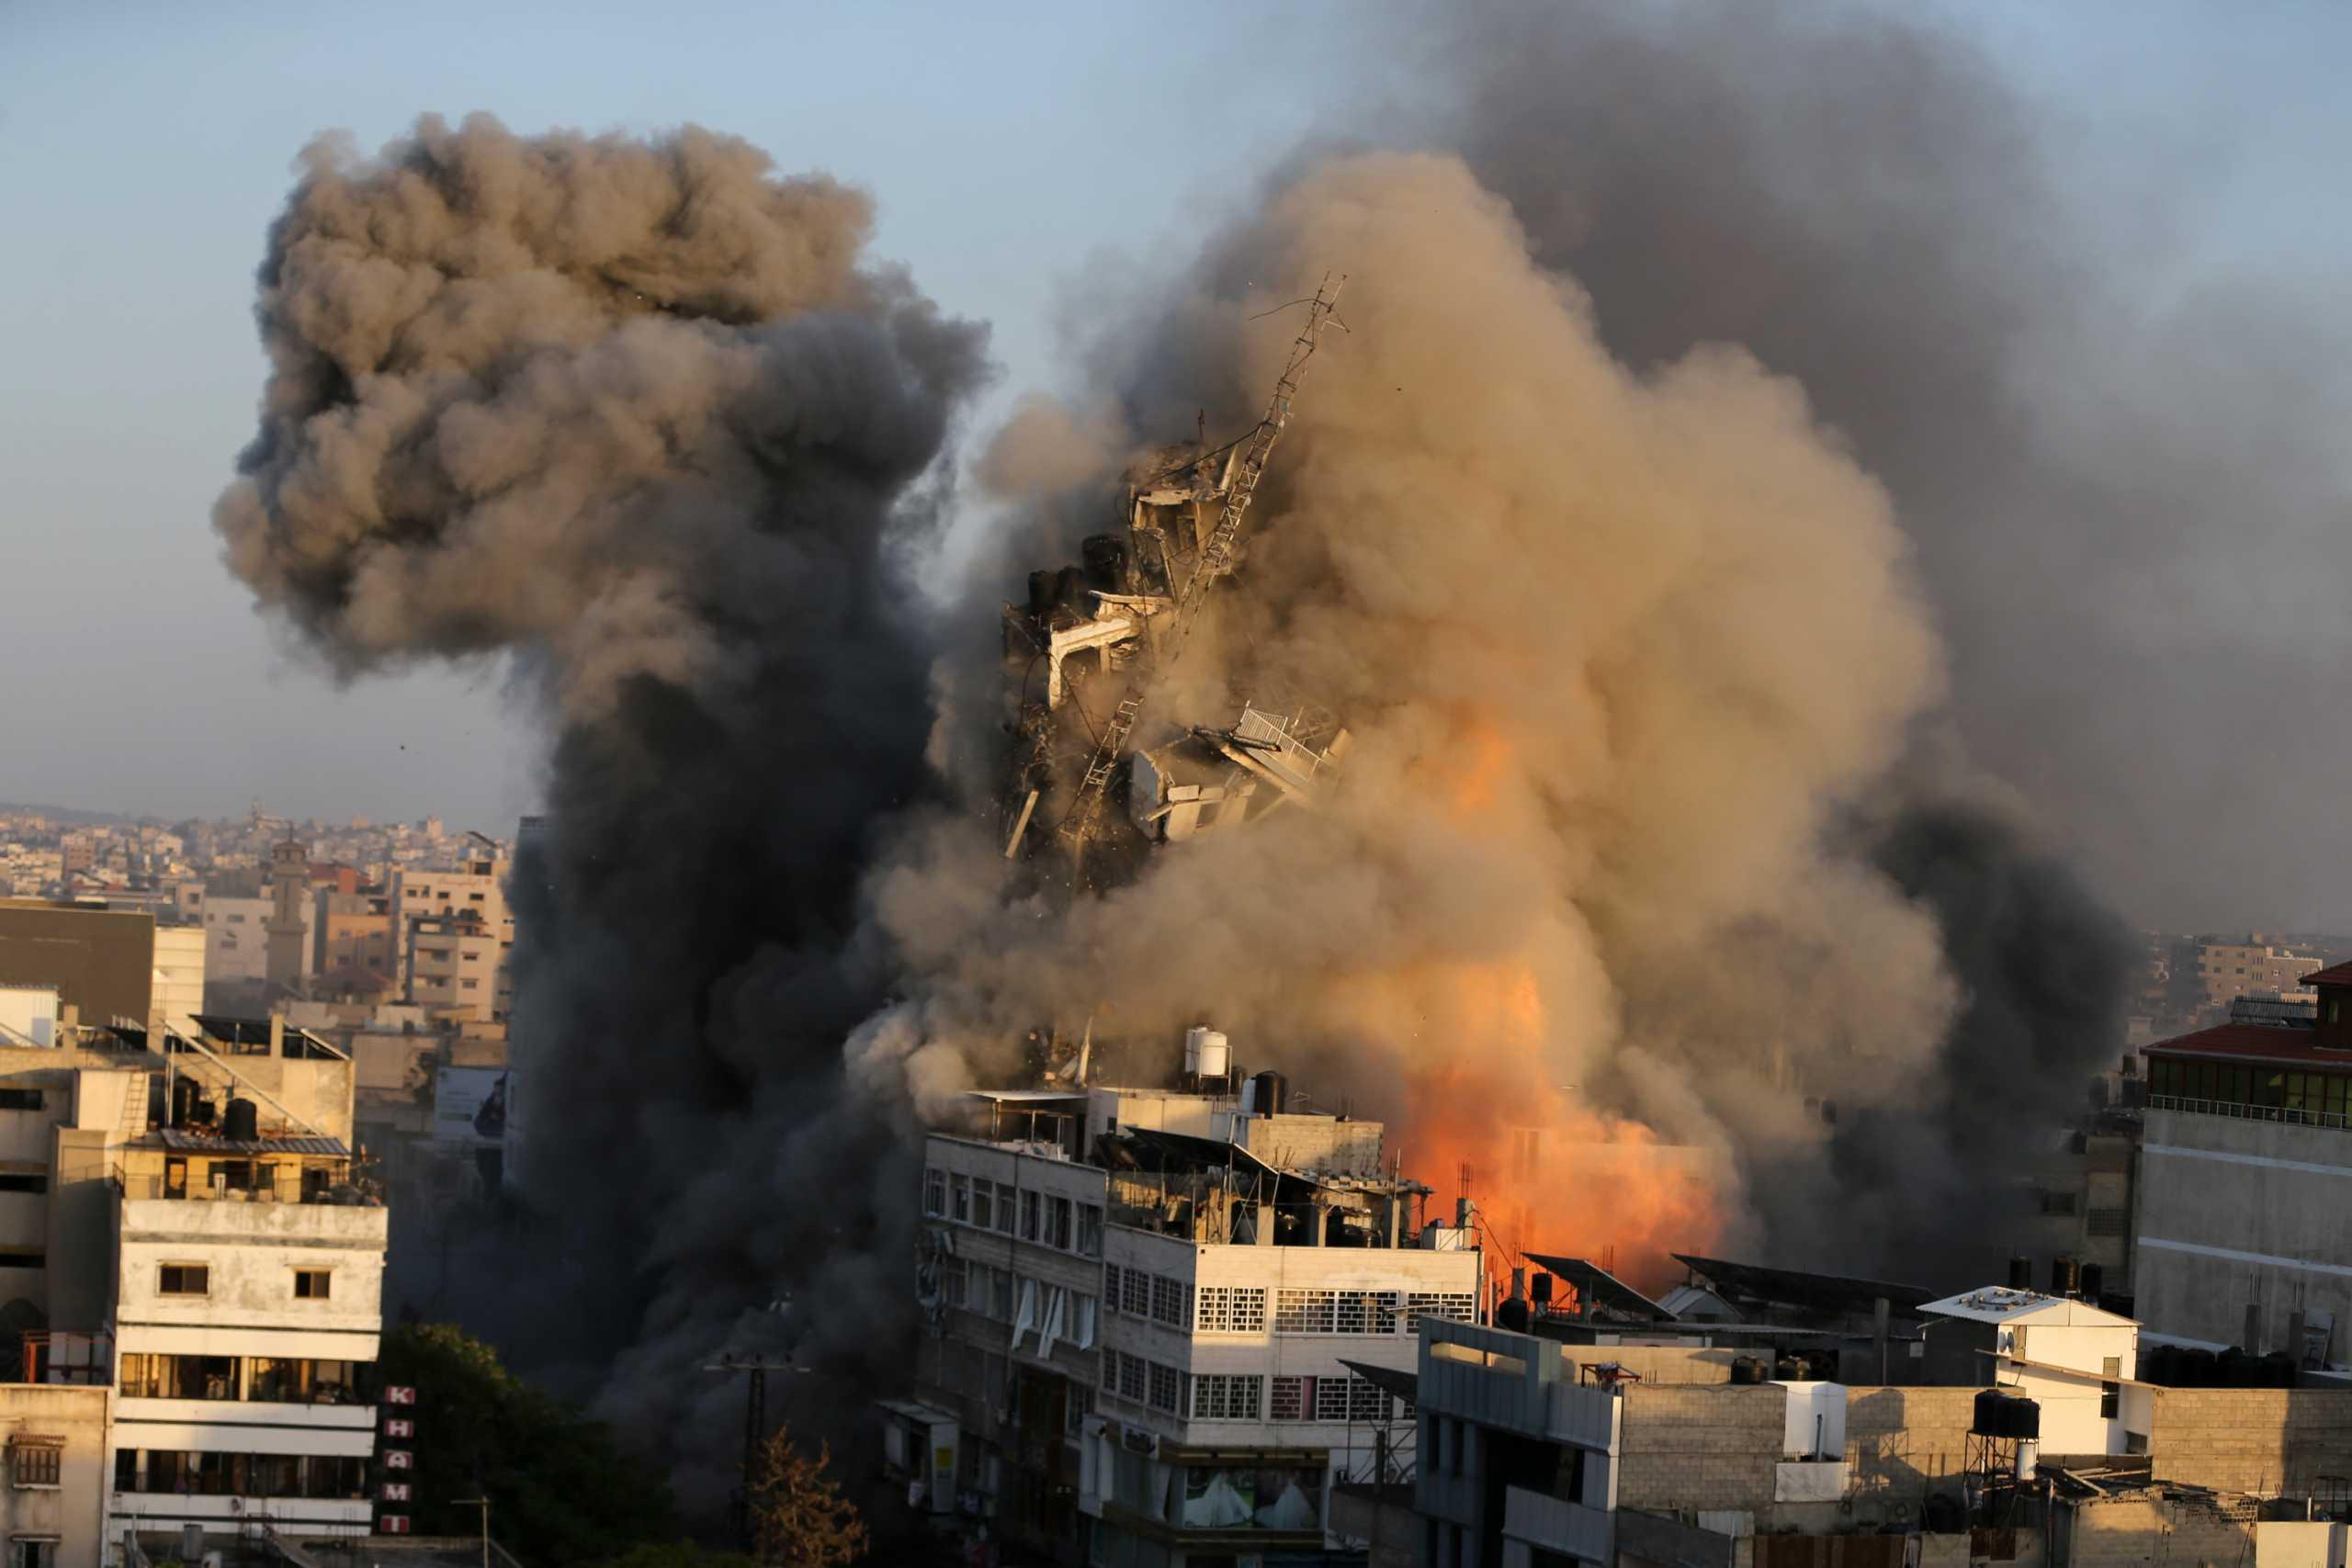 Μέση Ανατολή: Παγκόσμια ανησυχία και 59 νεκροί σε τρεις ημέρες στις πιο έντονες εχθροπραξίες των τελευταίων ετών